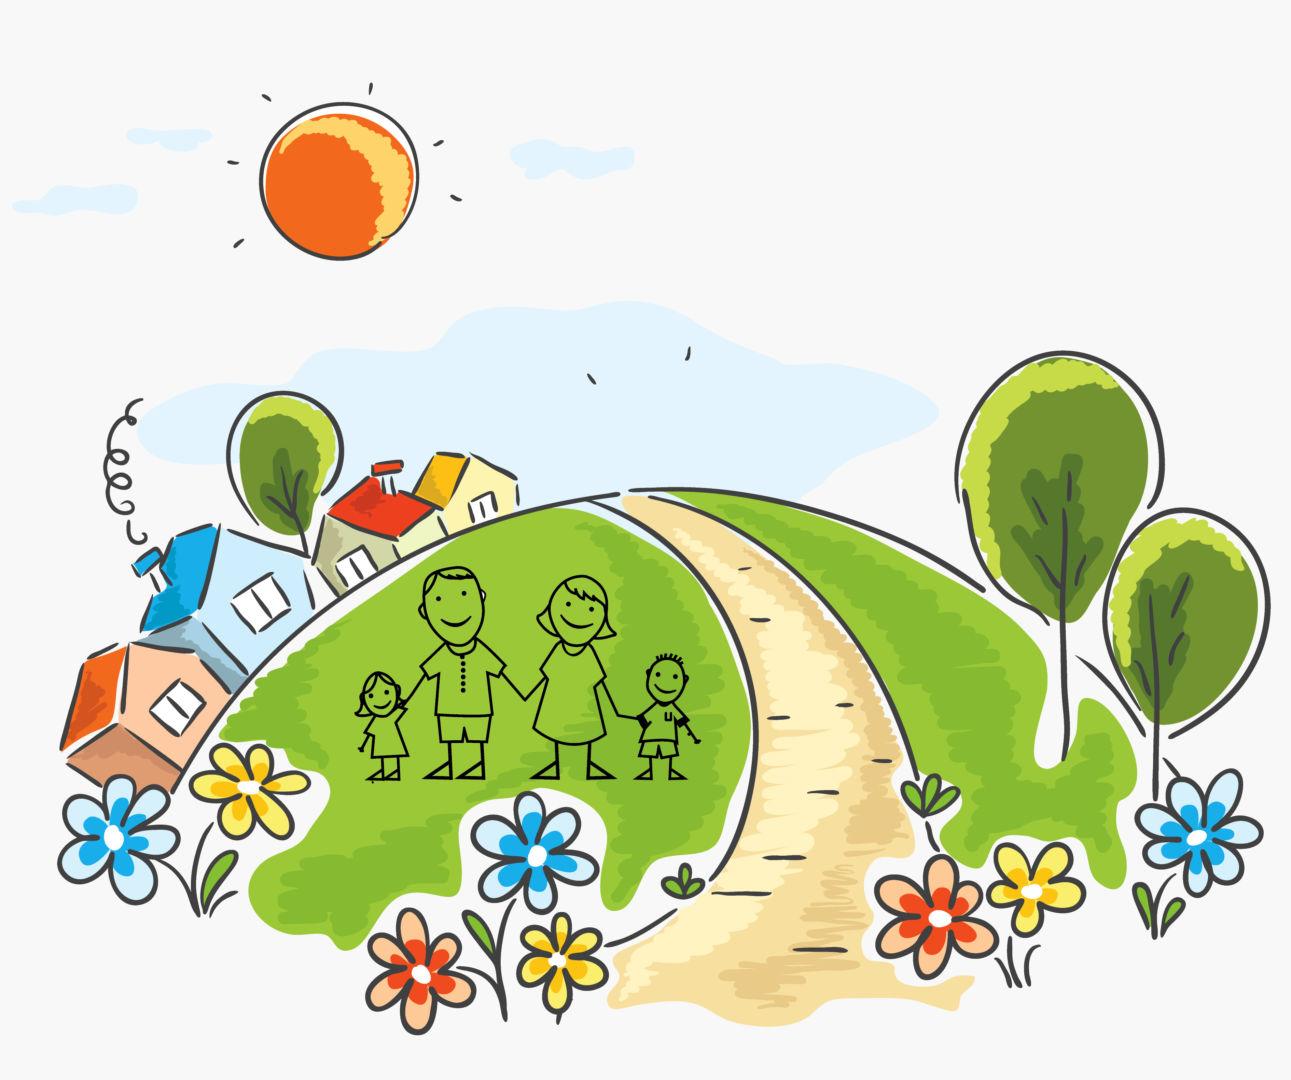 Γραμμή ψυχοκοινωνικής βοήθειας για γονείς και παιδιά από τον Δήμο Αθηναίων και τα Παιδικά Χωριά SOS – 2103637692